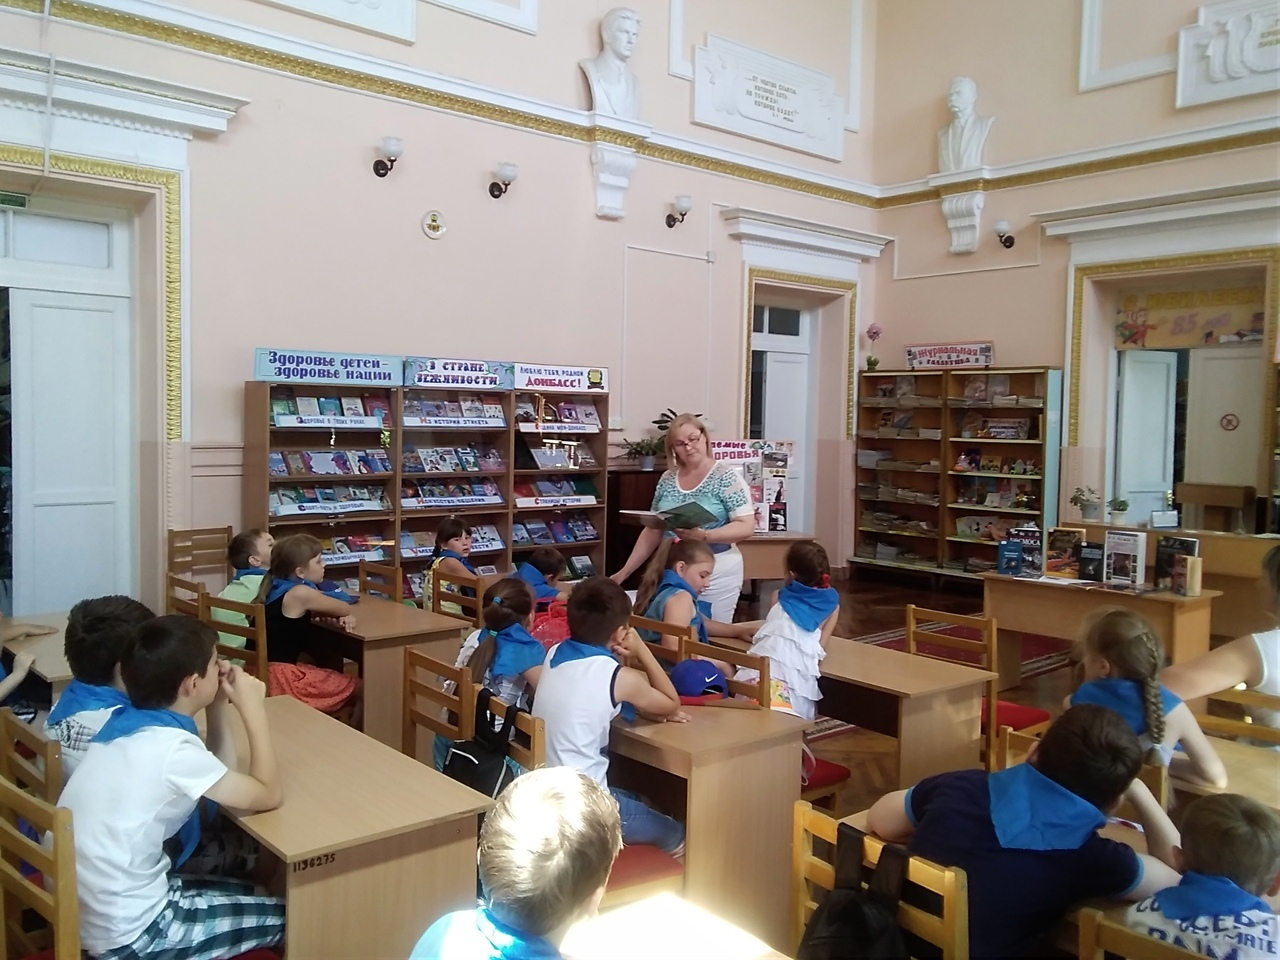 олимпийские игры, донецкая республиканская библиотека для детей, отдел обслуживания учащихся 5-9 классов, работа с пришкольными лагерями